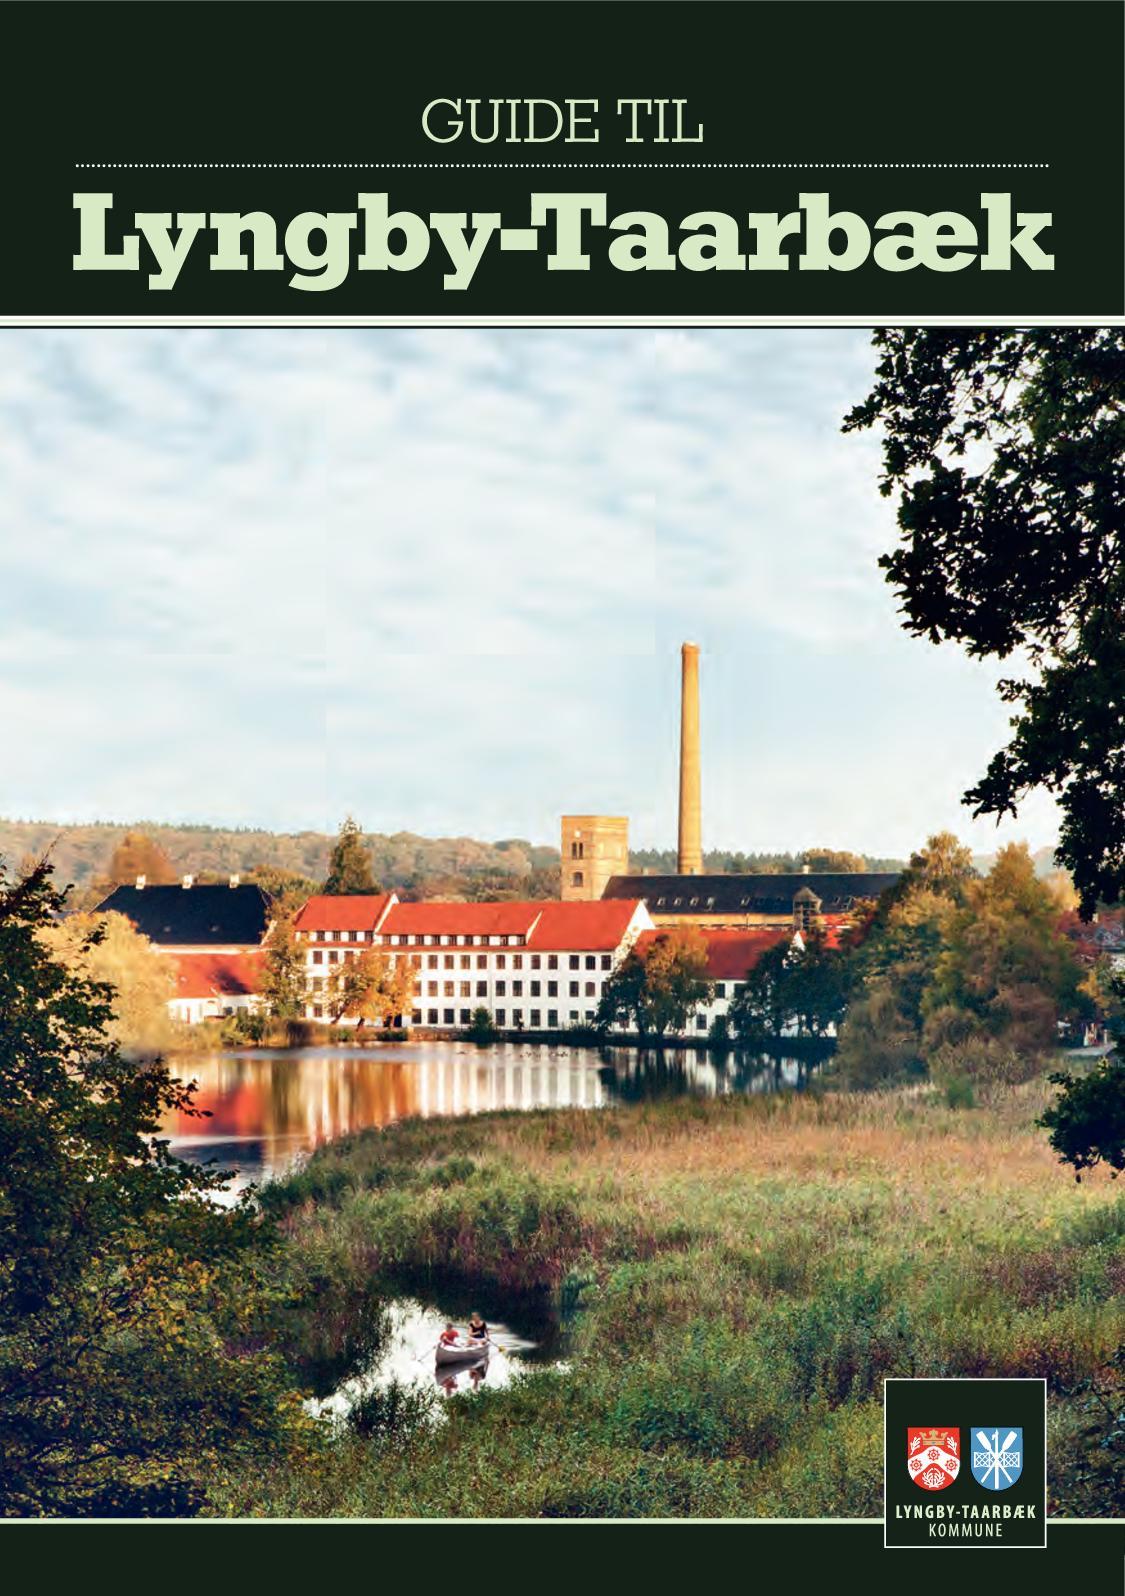 SEX AGENCY in Lyngby-Taarbæk